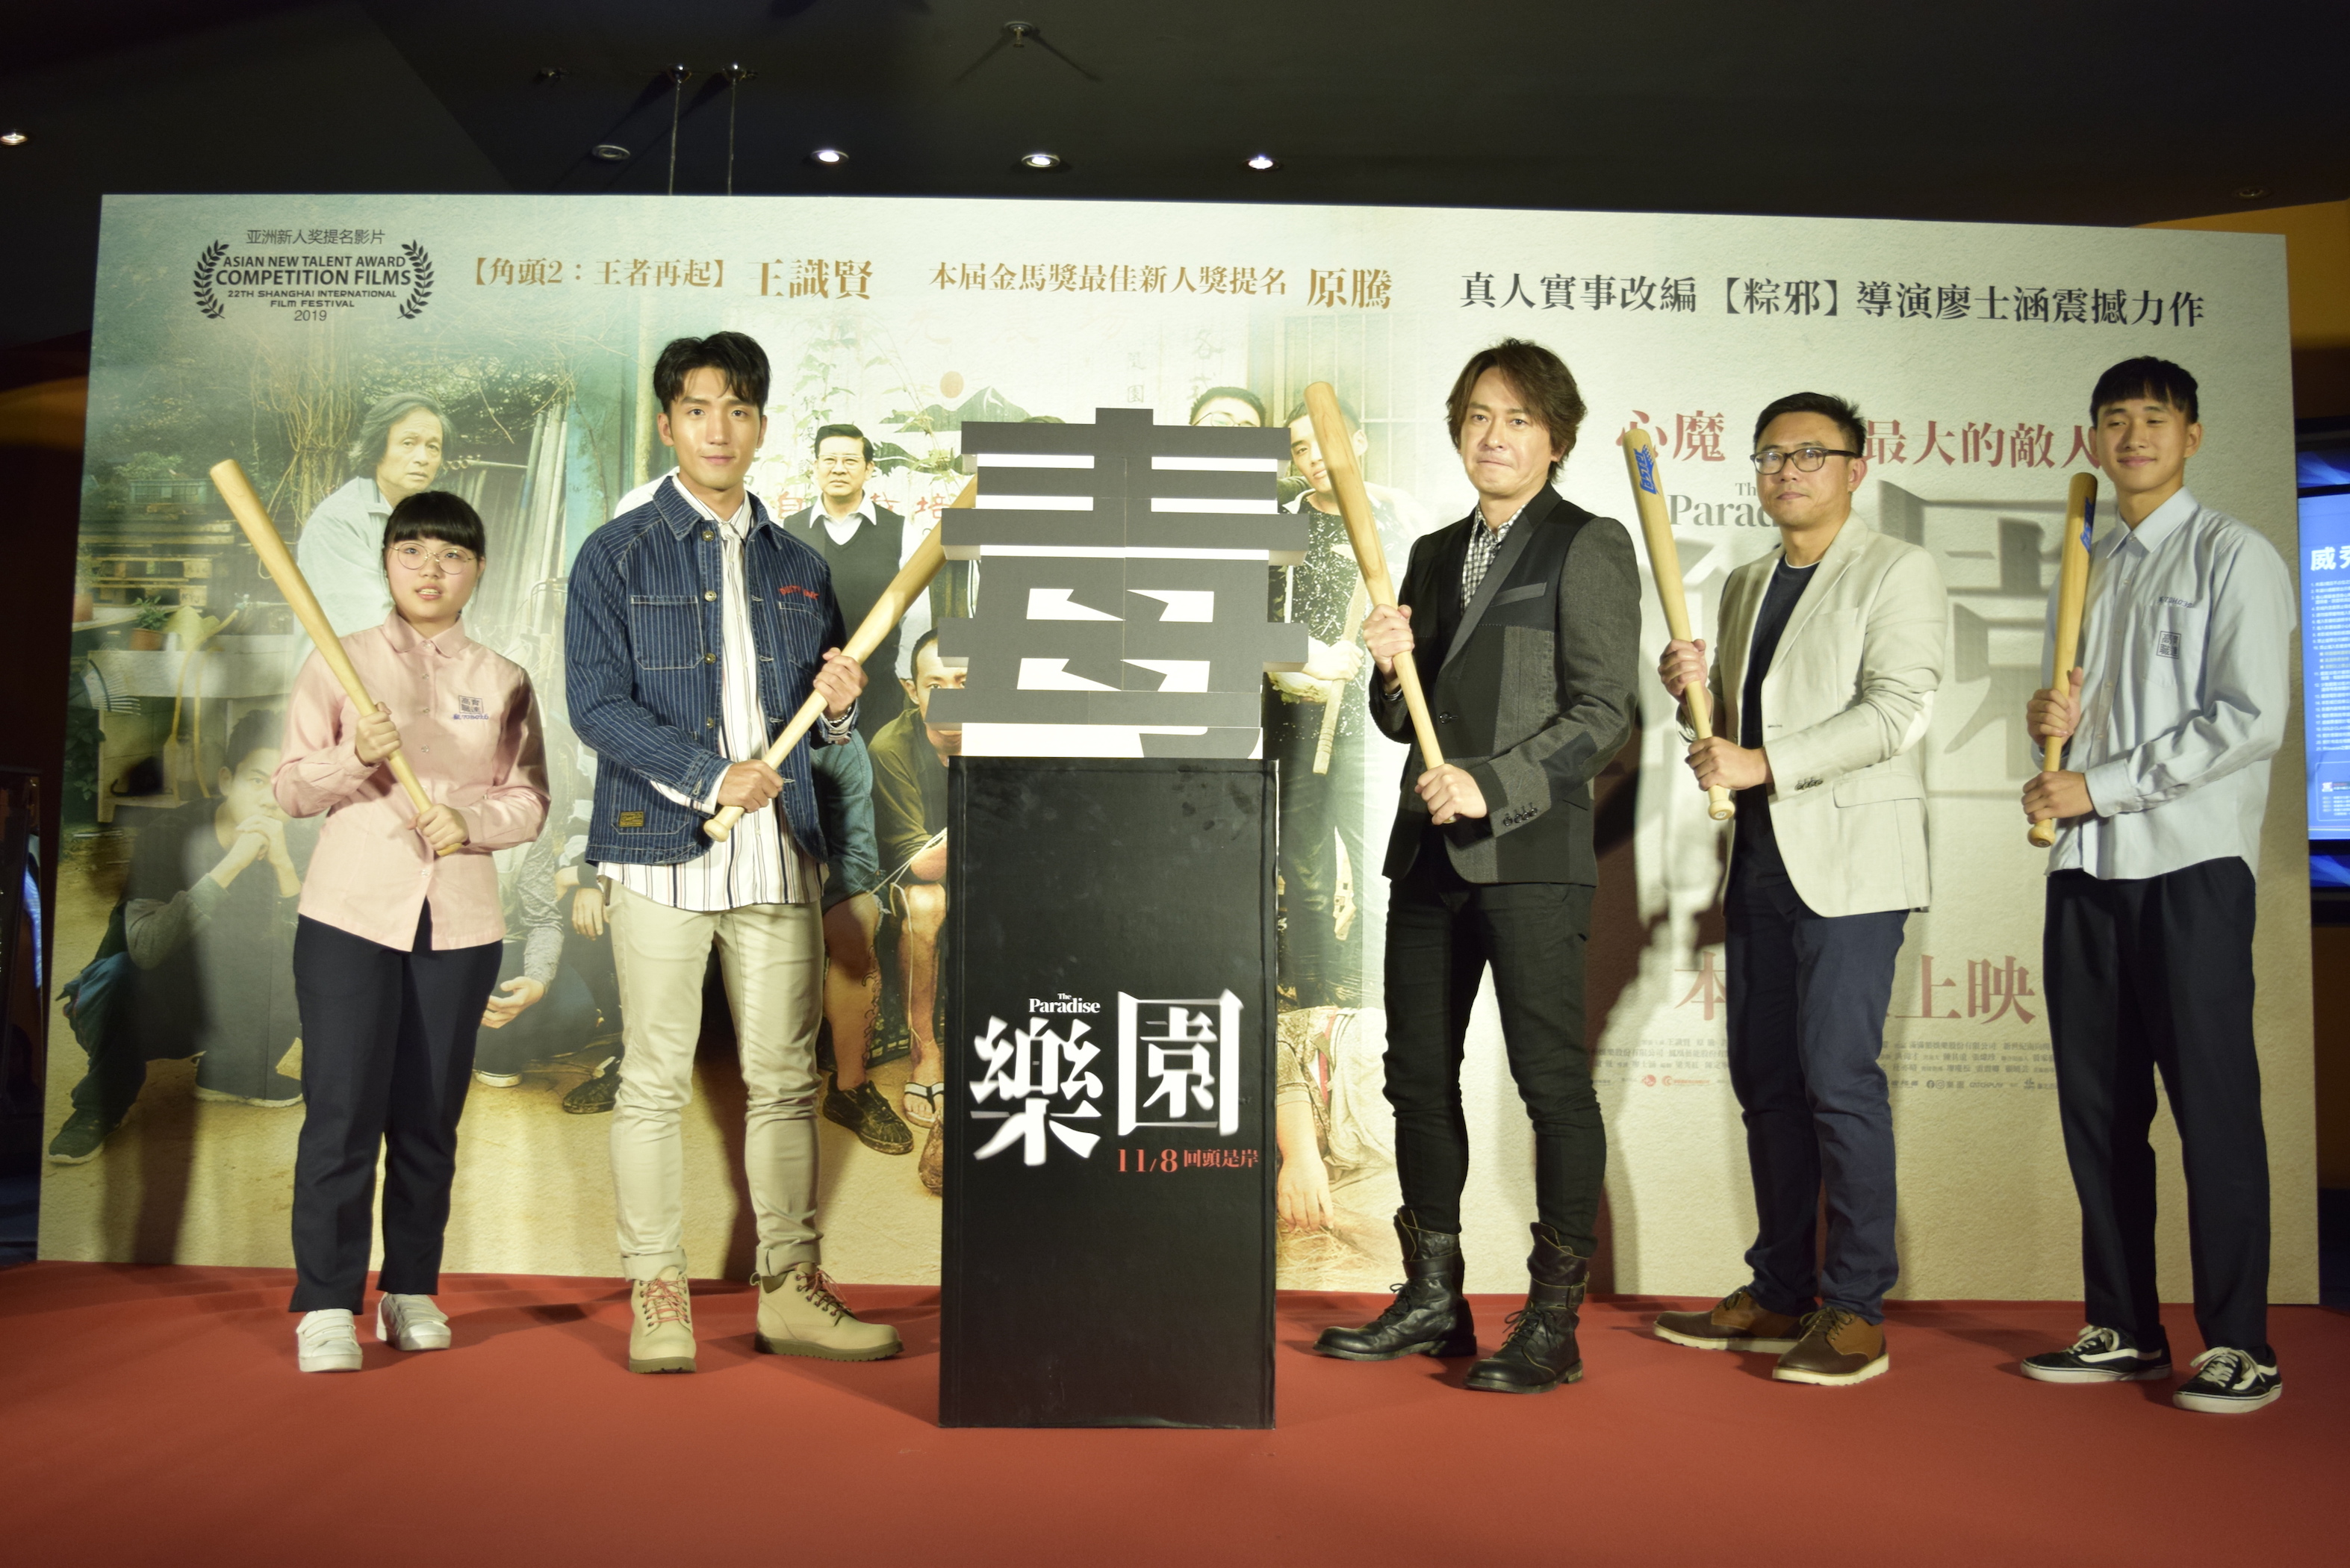 《樂園》為金馬新演員提名男星原騰送上好彩頭 象徵勇奪金馬